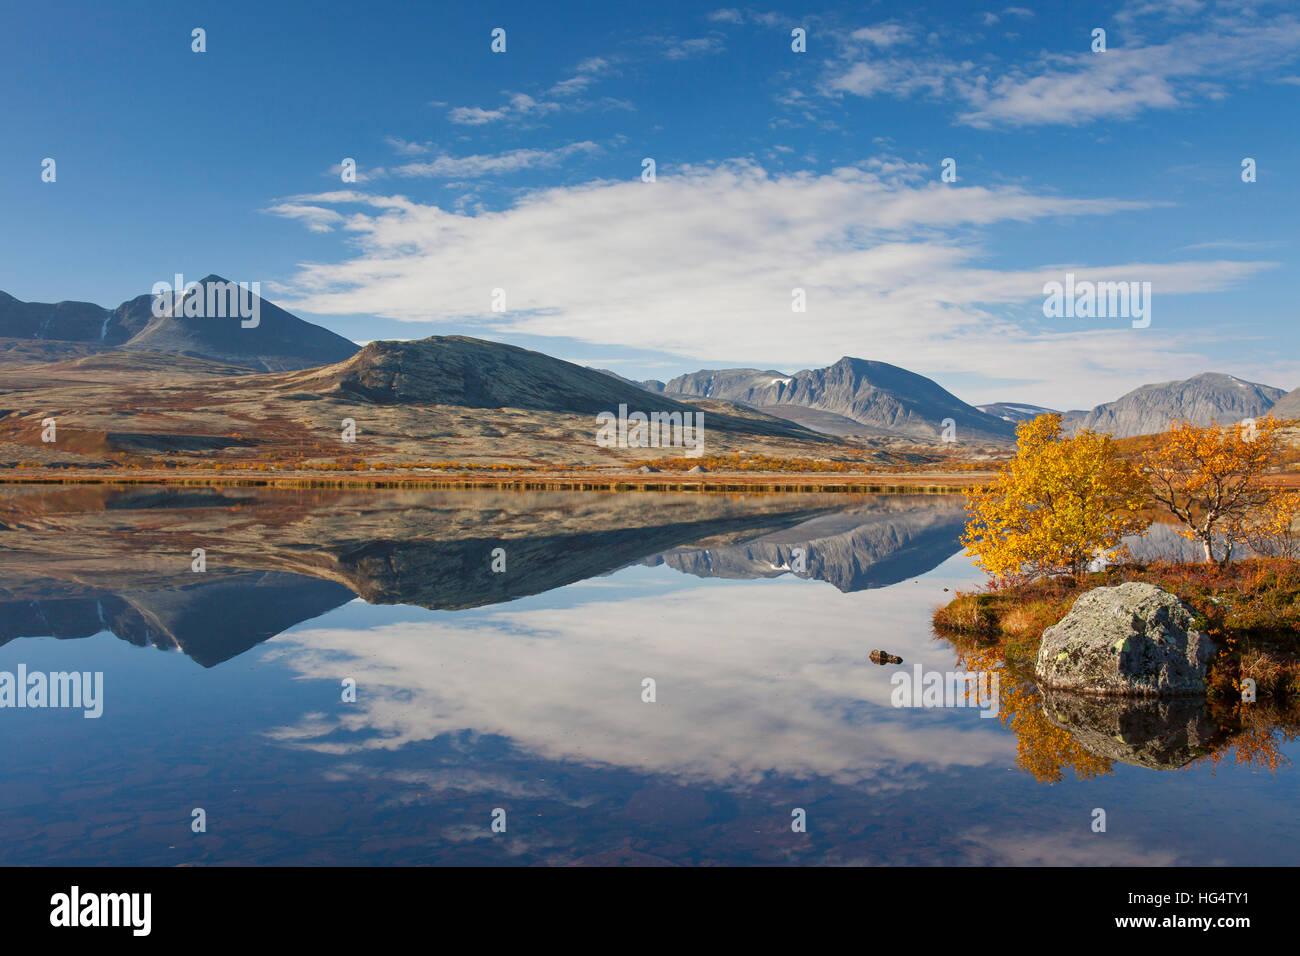 Abedul mostrando los colores de otoño, a lo largo del lago, en el Parque Nacional Rondane Døråldalen, Imagen De Stock